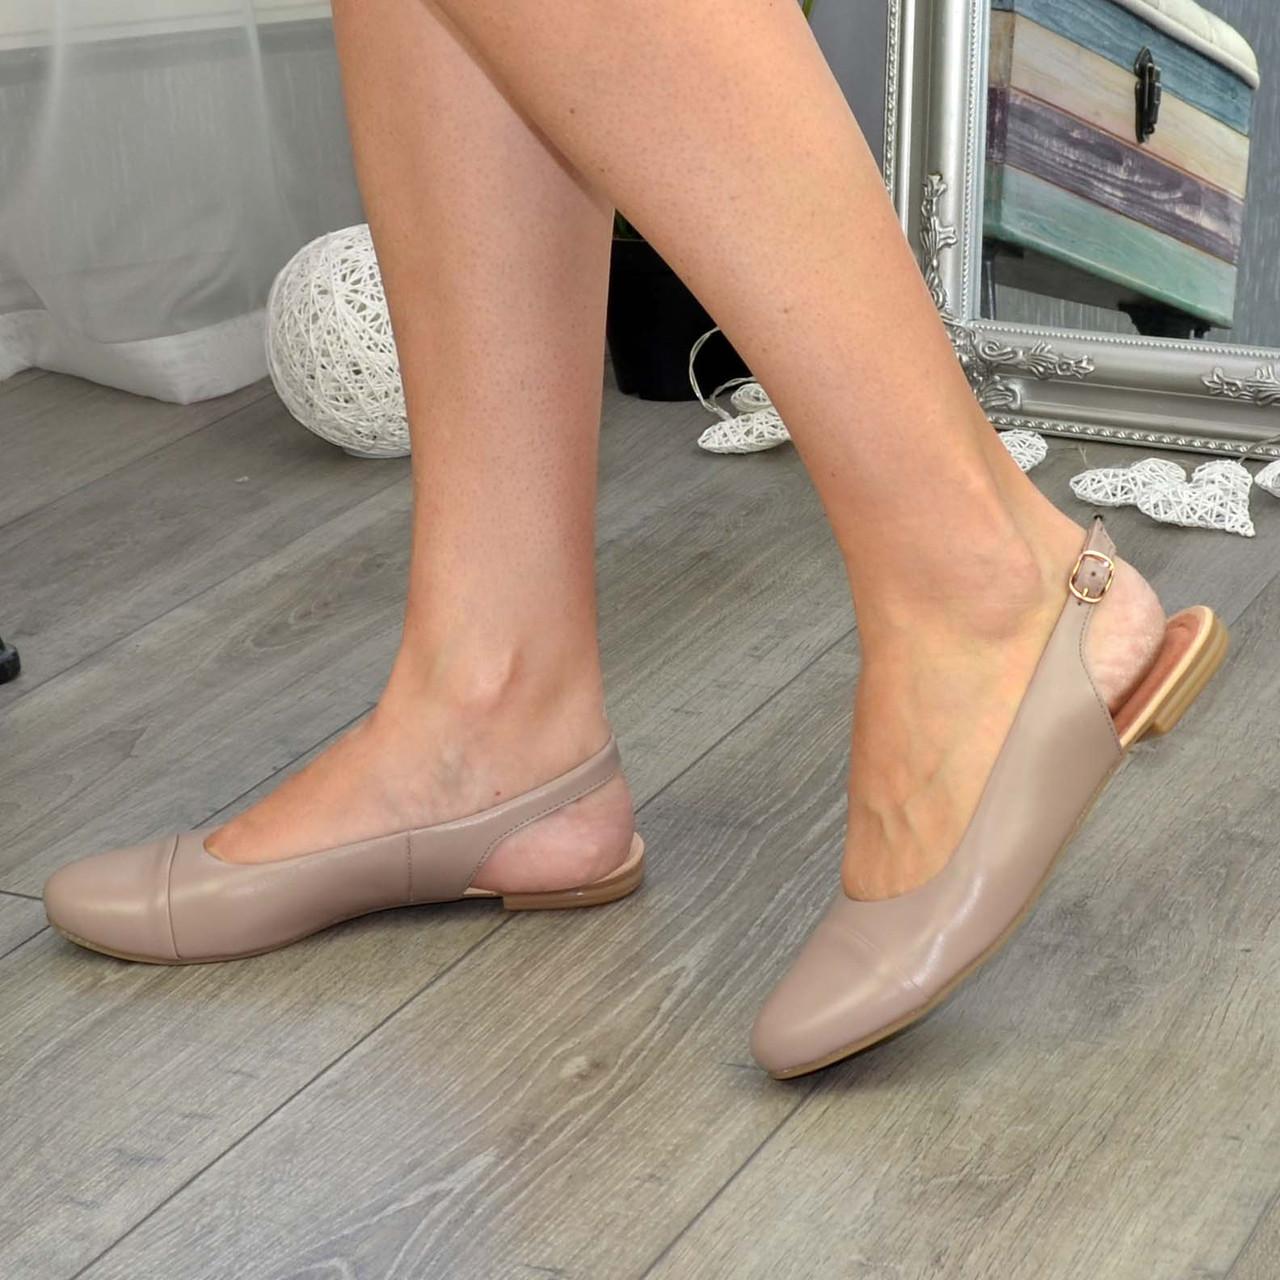 Жіночі шкіряні босоніжки із закритим носком і відкритою п'ятою від виробника